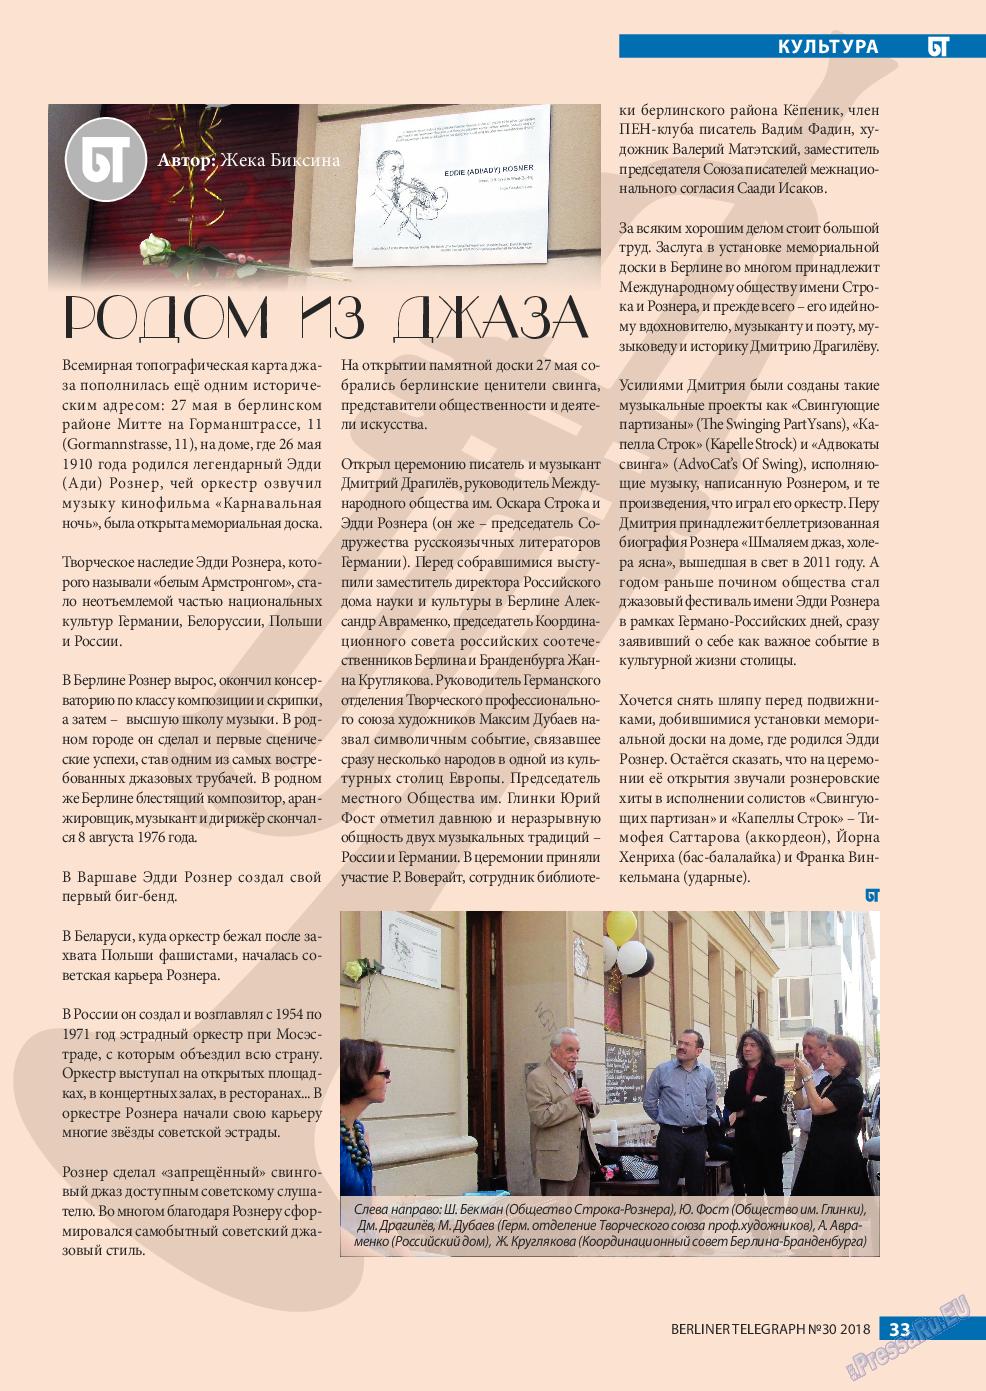 Берлинский телеграф (журнал). 2018 год, номер 30, стр. 33